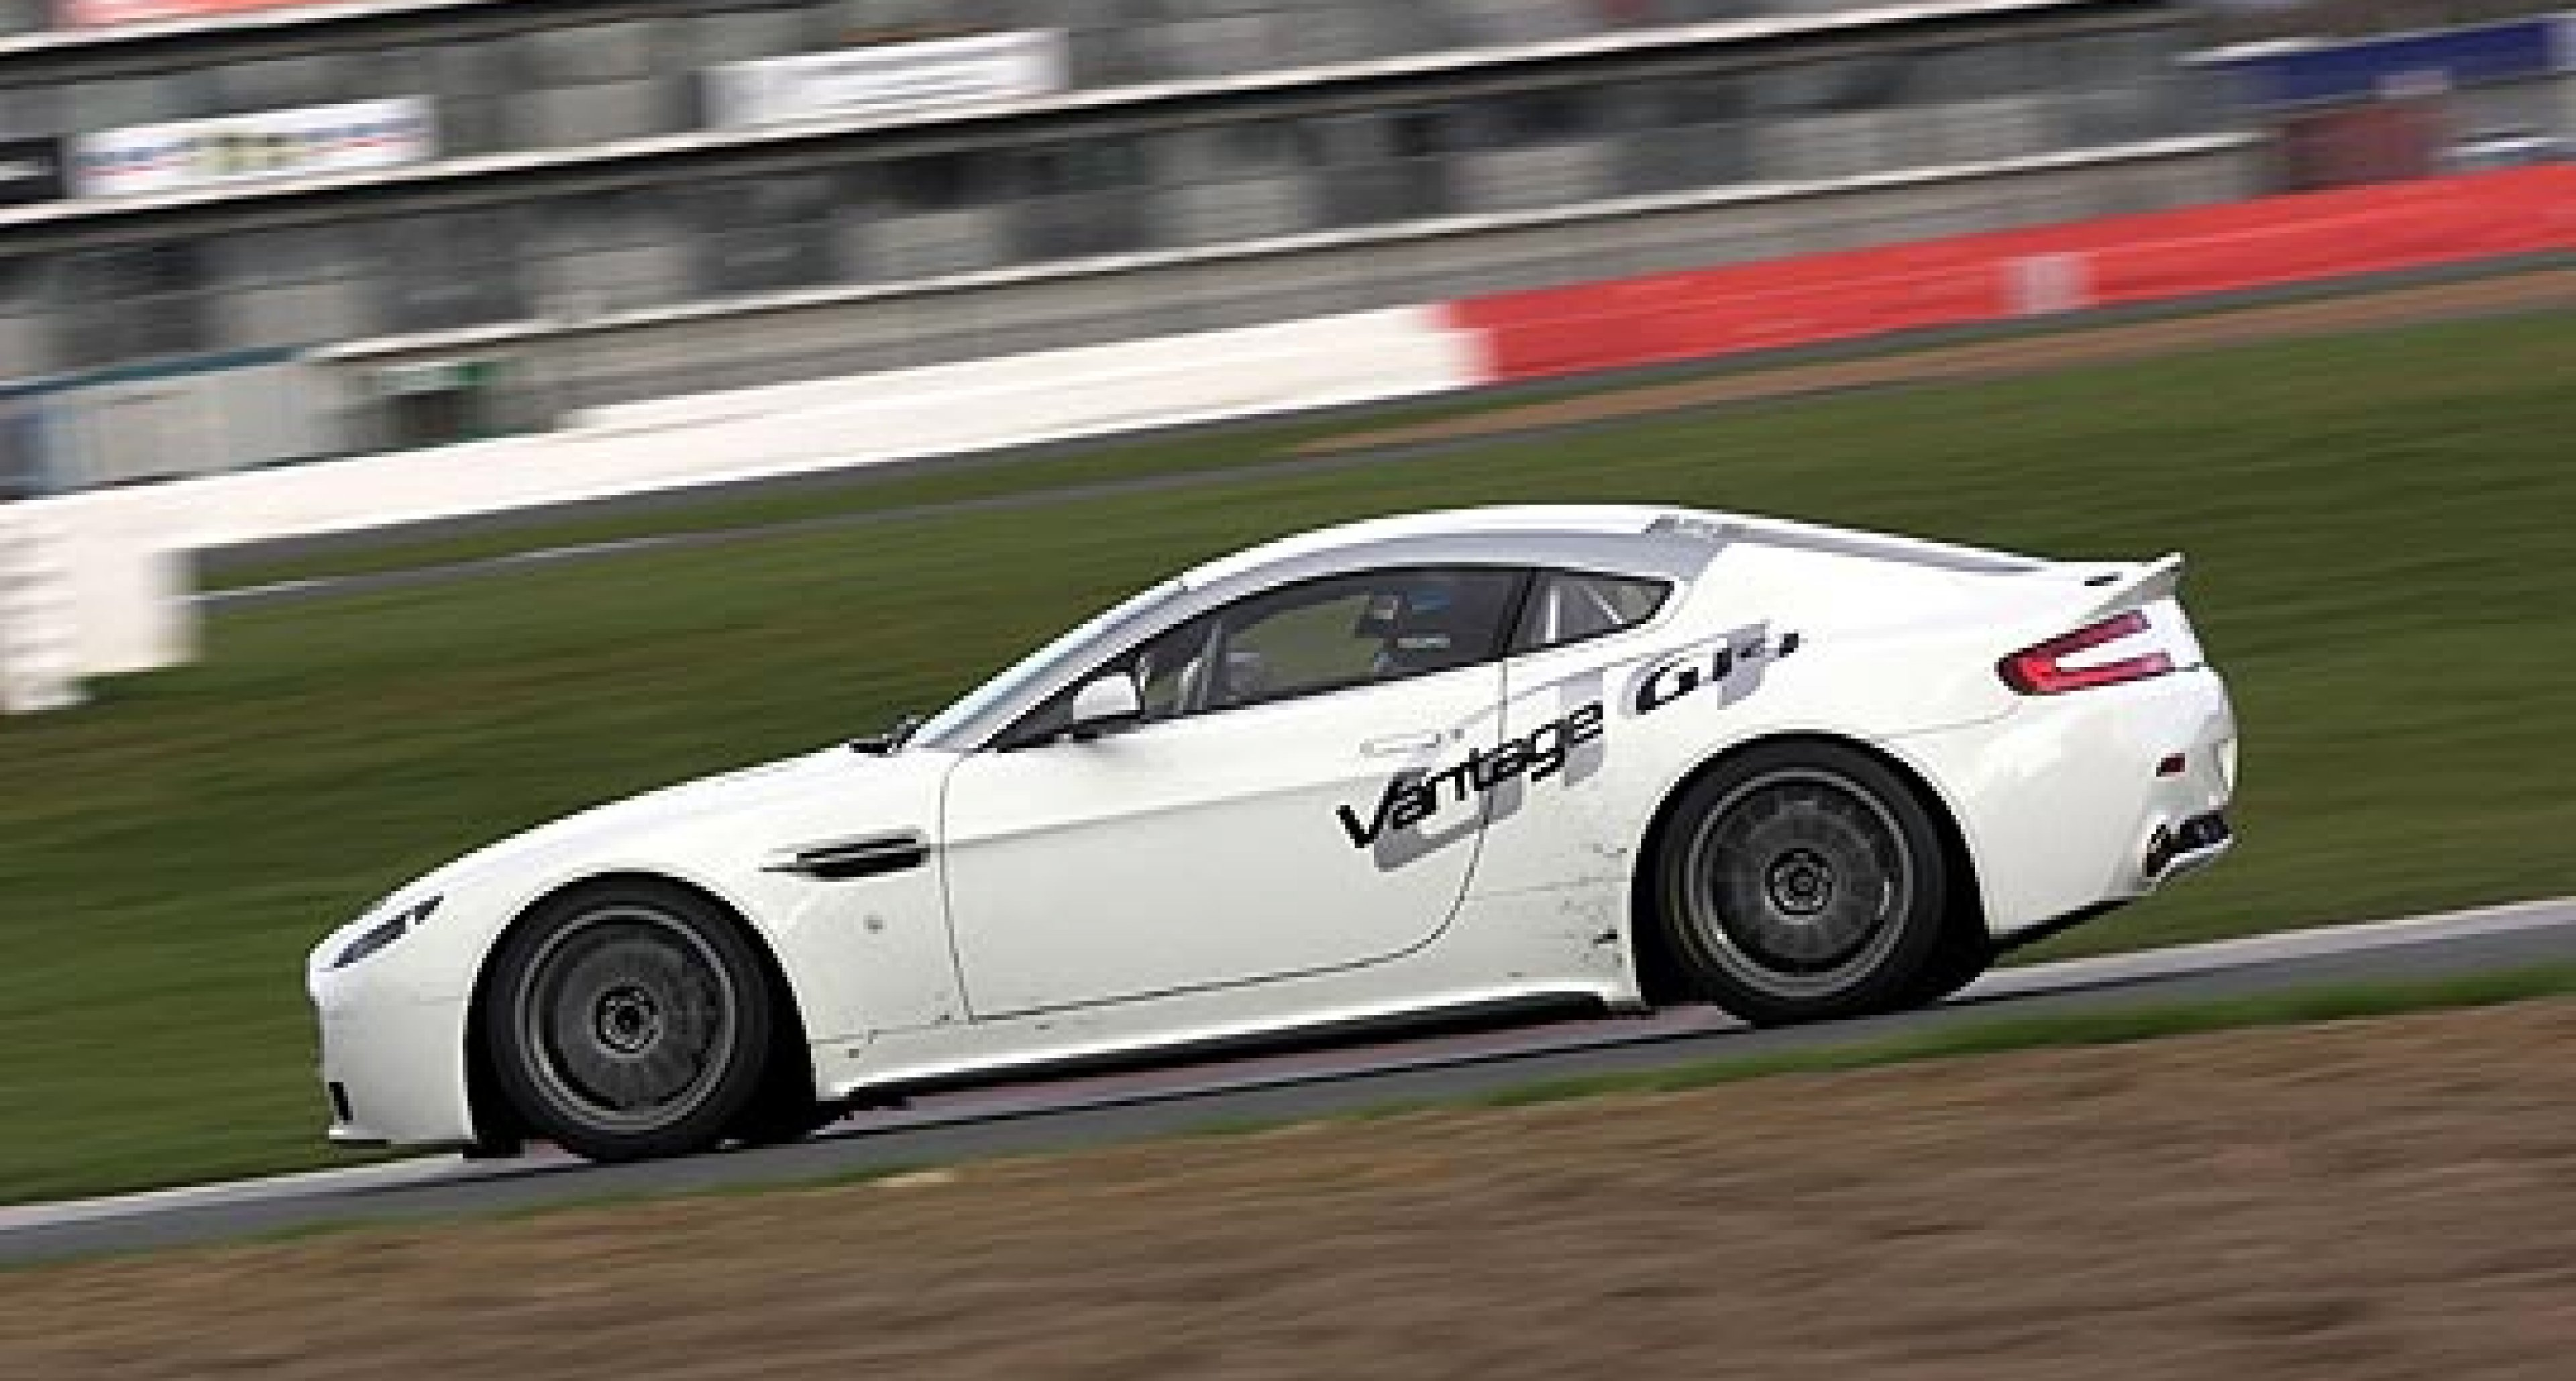 The 2010 Aston Martin British GT4 Challenge